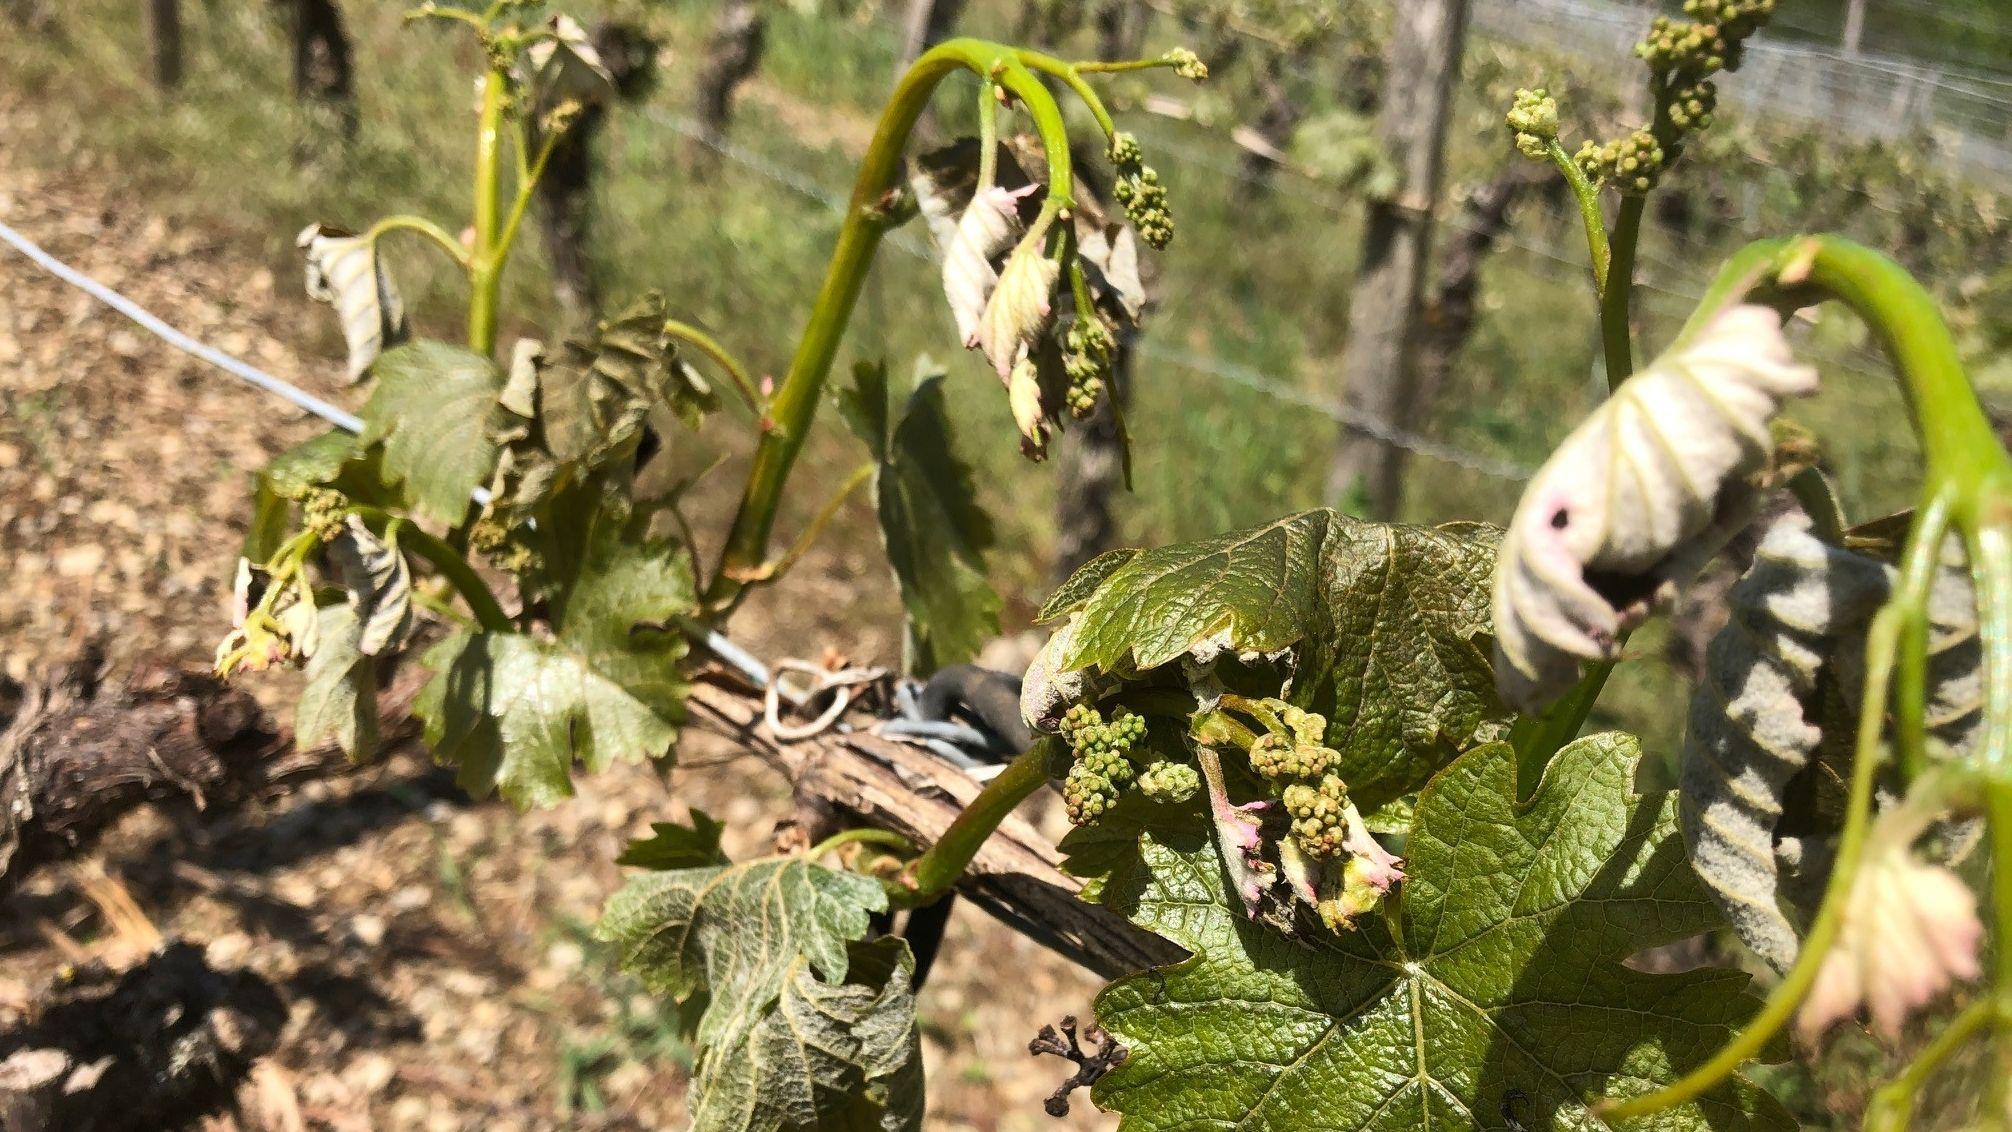 Erfrorene Weinreben in Ramsthal im Landkreis Bad Kissingen